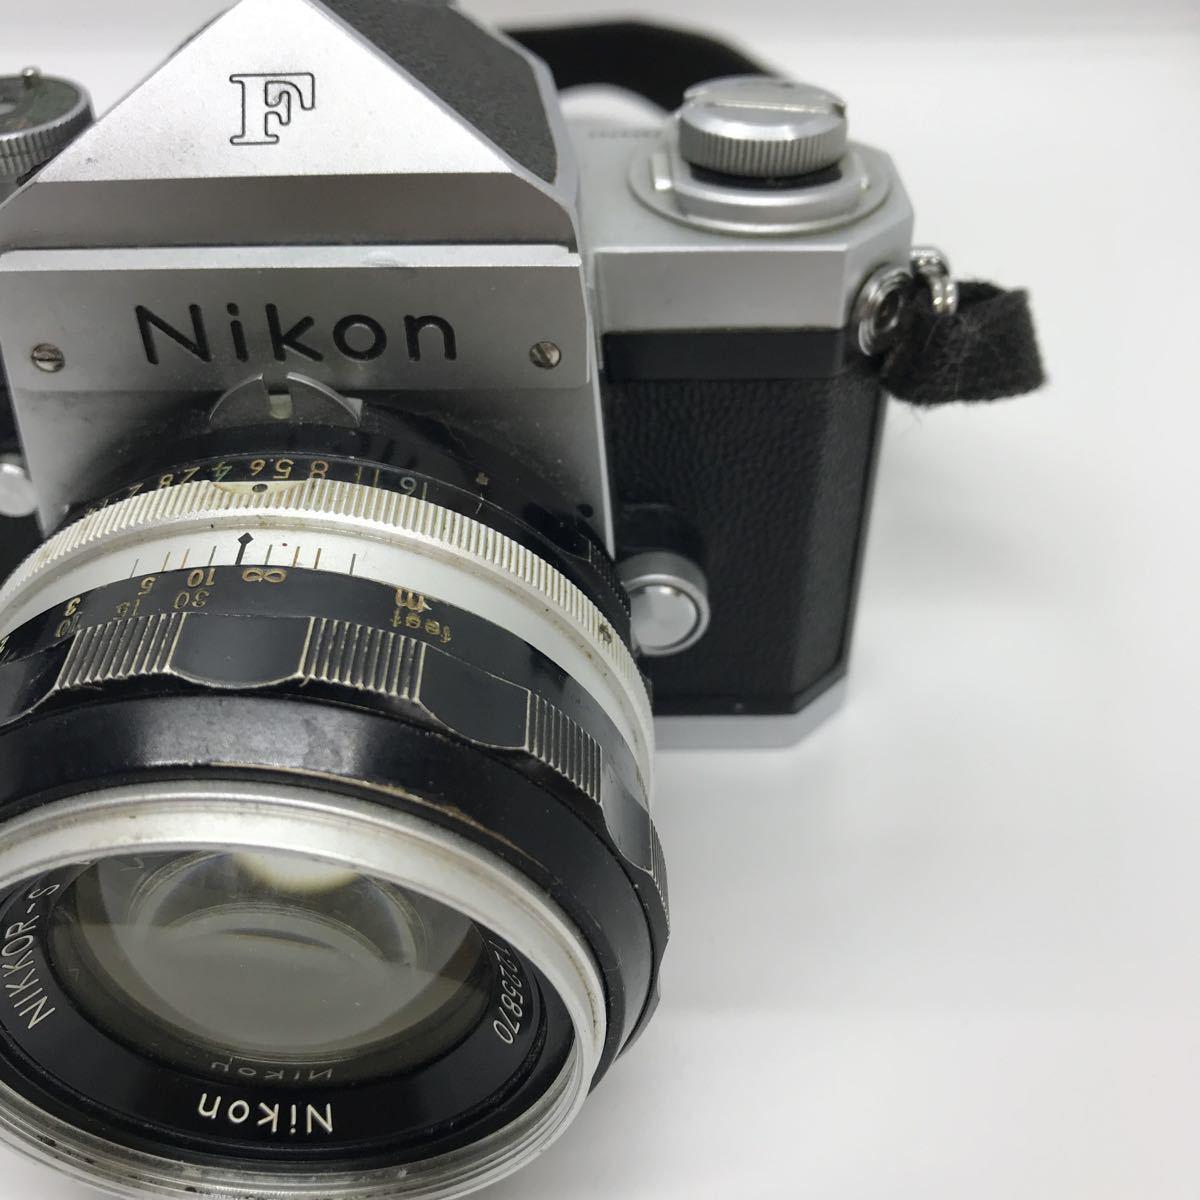 NIKON ニコン F 初期 アイレベル NIKKOR-S 1:1.4 50mm 一眼レフカメラ_画像3